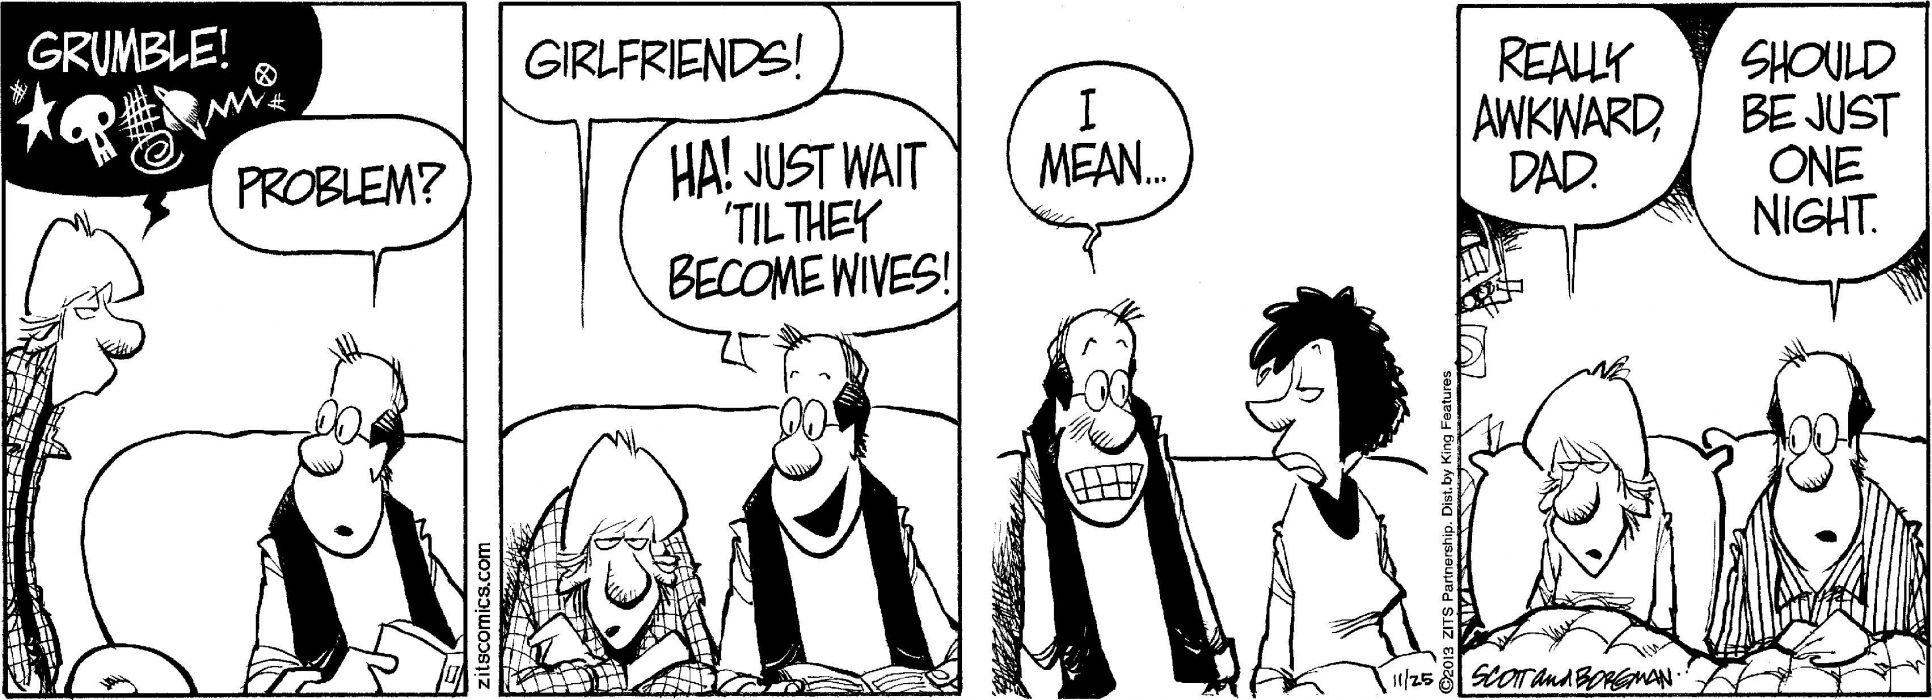 ZITS comicstrip humor funny (54) wallpaper